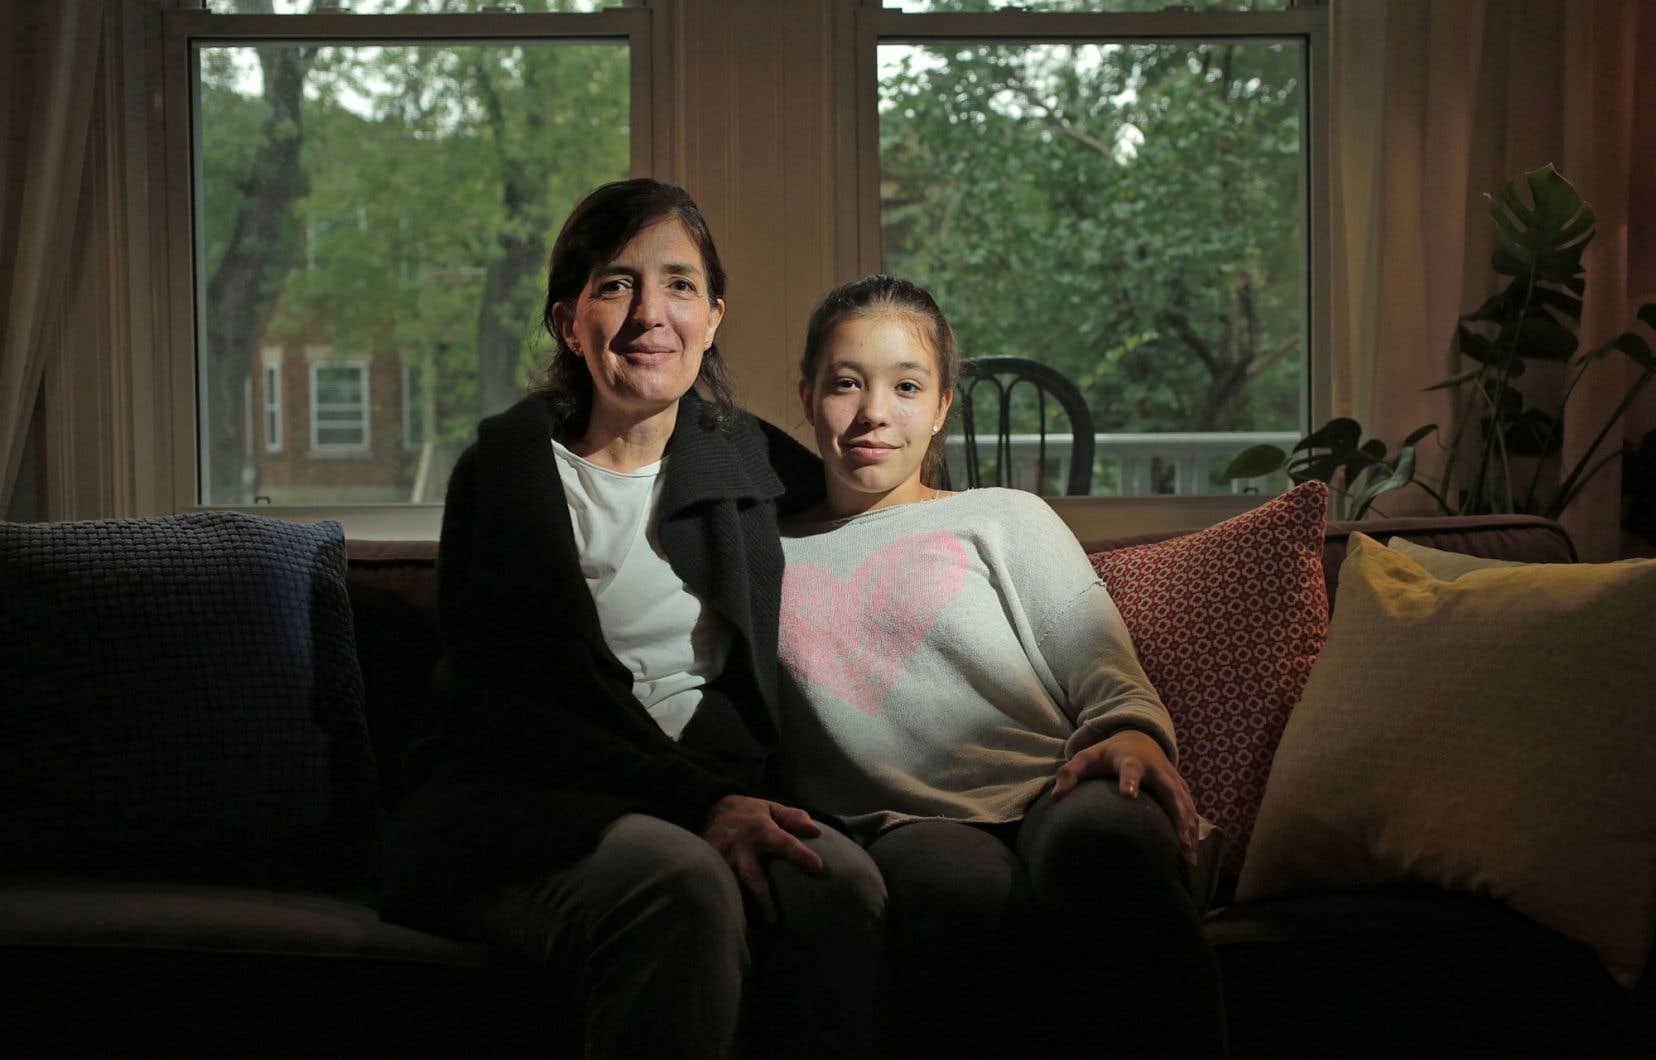 Louise et Juliette sont persuadées qu'elles n'y seraient jamais arrivées sans toute l'aide et tout le soutien reçus par l'école et les orthopédagogues côtoyés depuis le diagnostic. Elles s'inquiètent aujourd'hui des compressions dans le domaine scolaire.